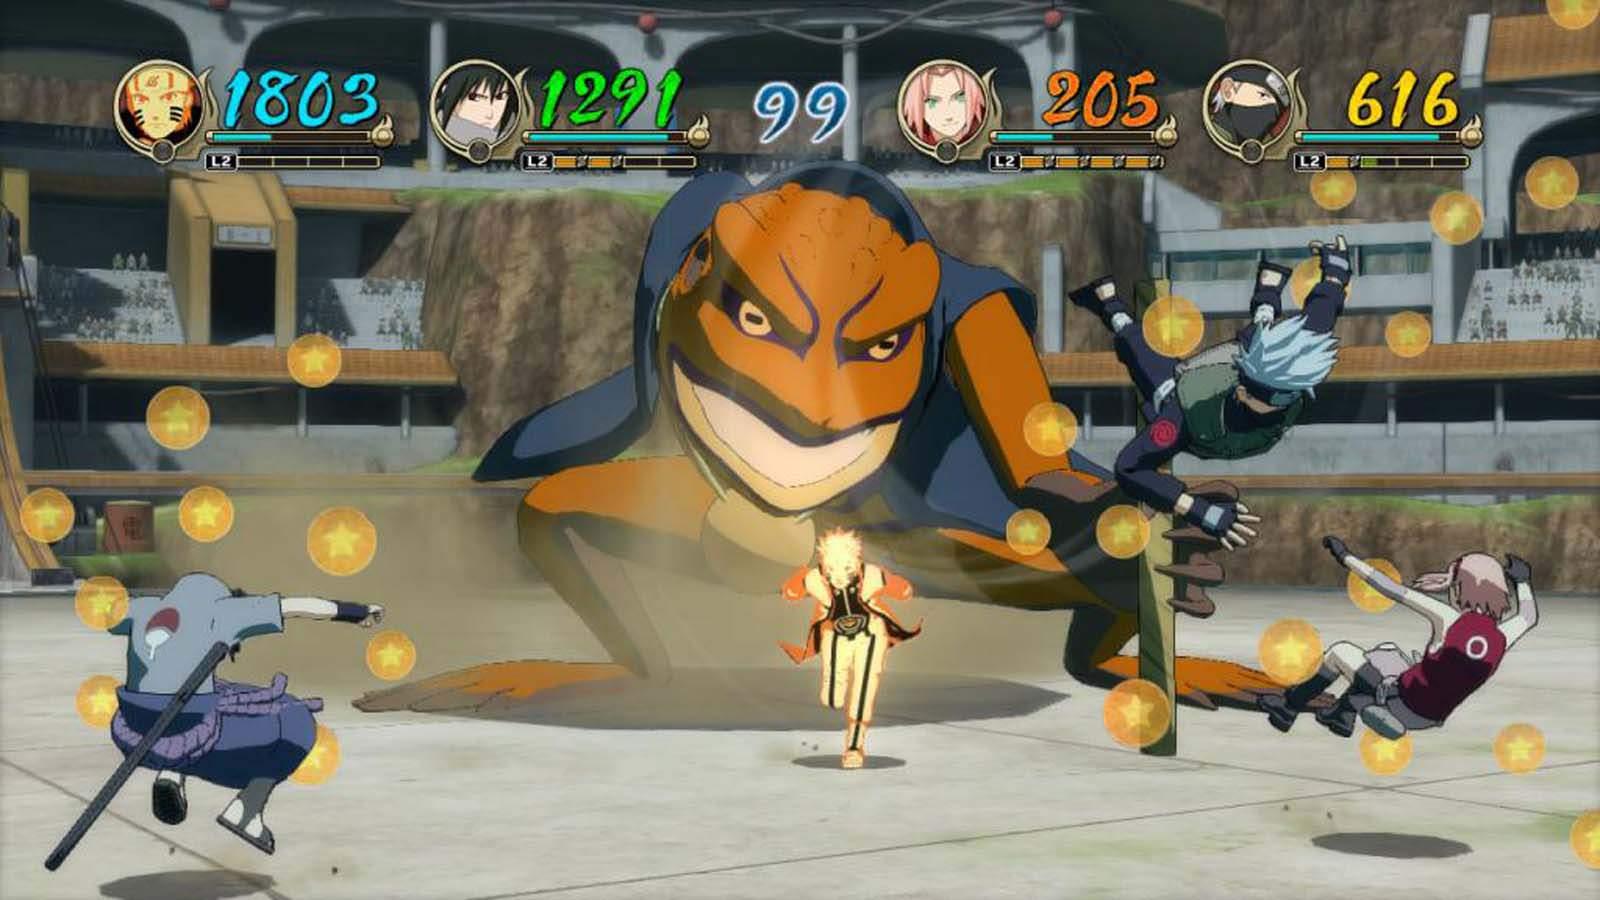 تحميل لعبة Naruto Shippuden Ultimate Ninja Storm Revolution مضغوطة كاملة بروابط مباشرة مجانا